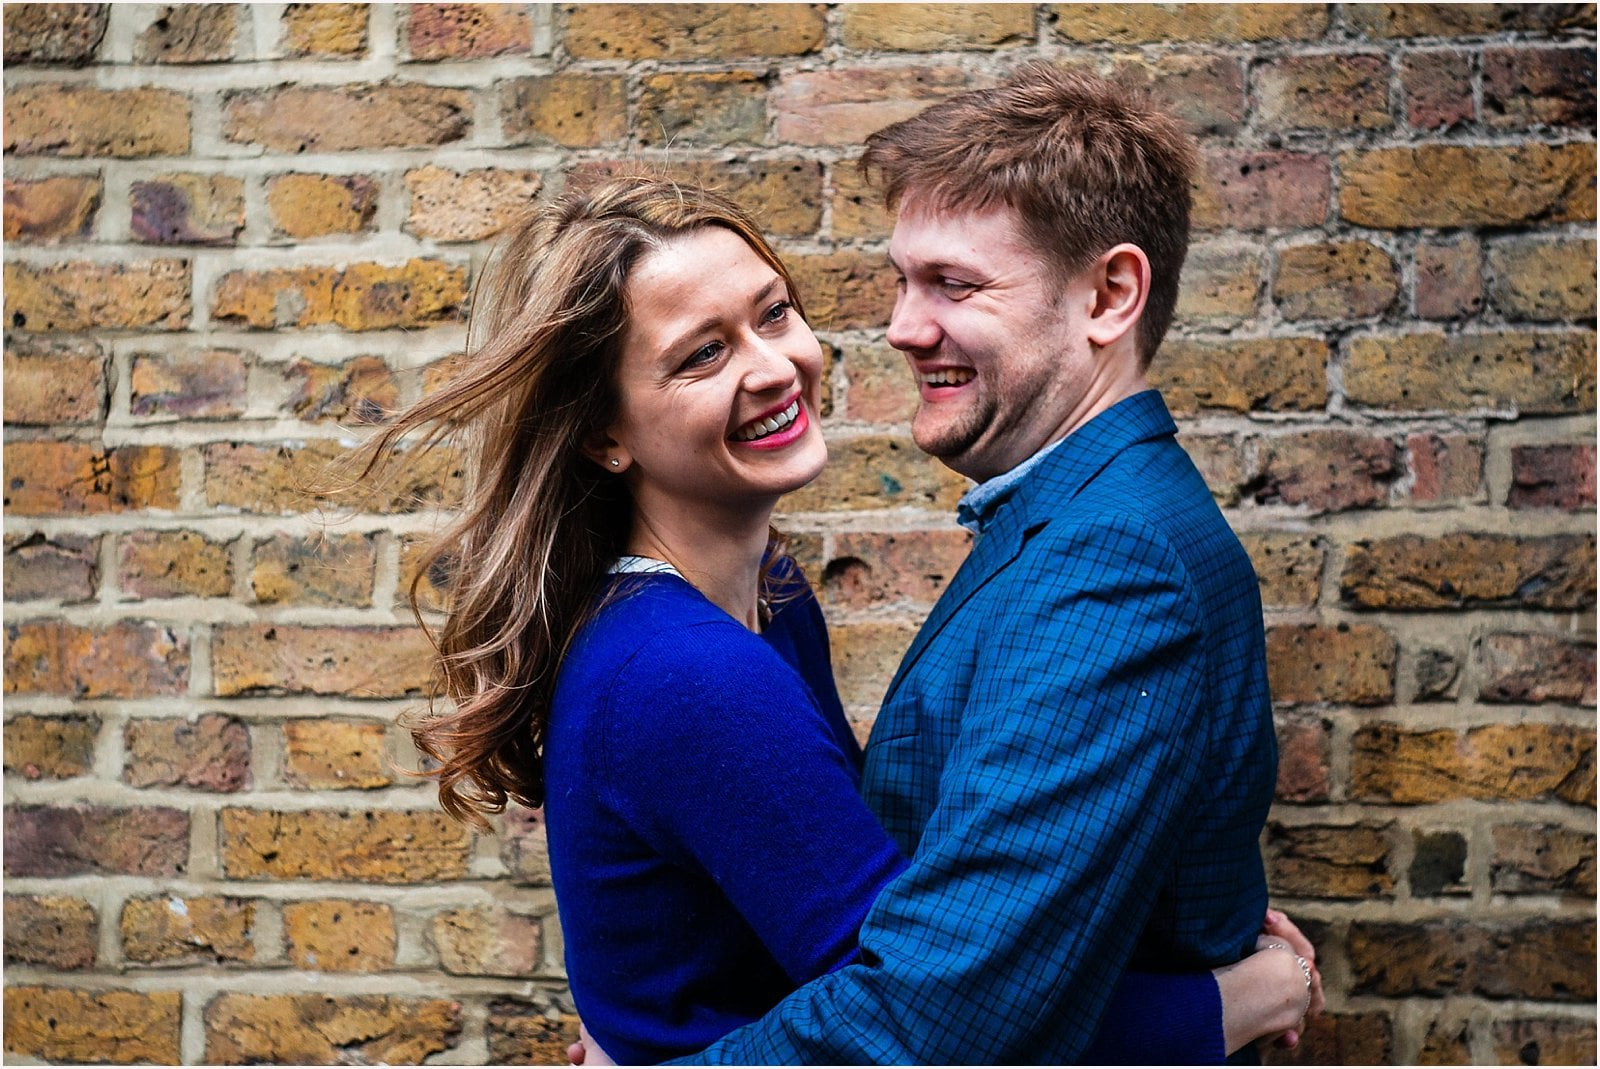 Stunning London Engagement Photos - Ksenia & Iain 6